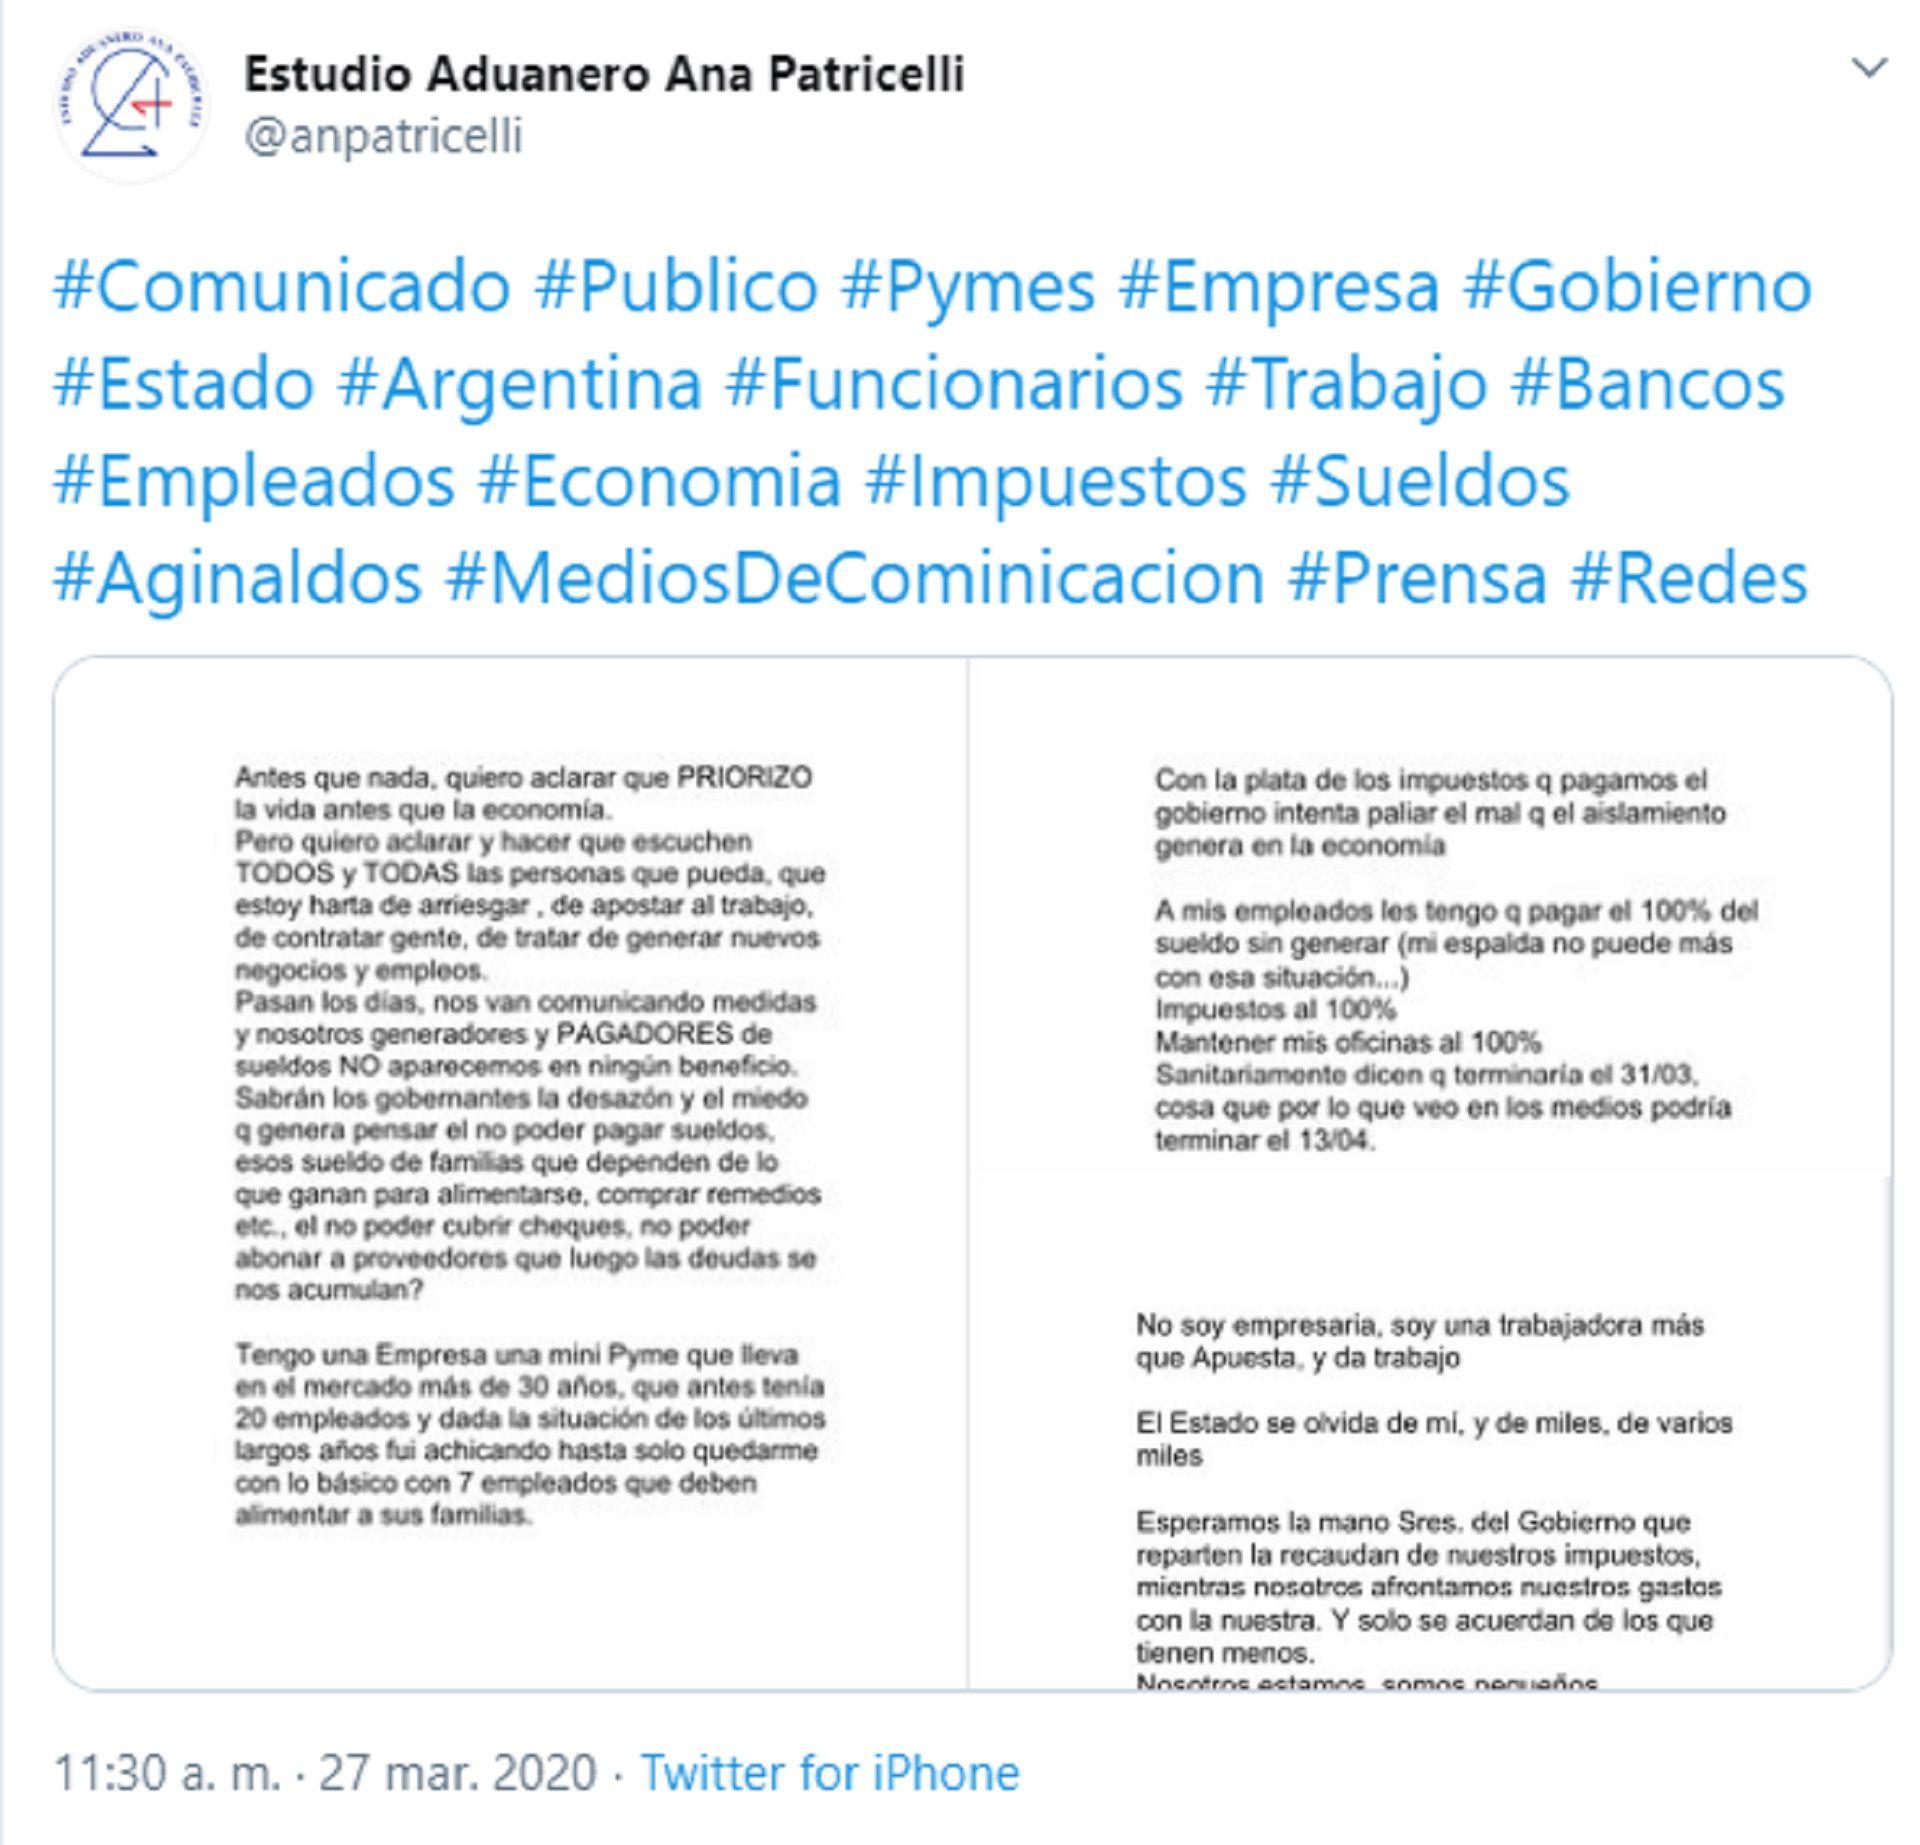 La publicación de Ana María Patricelli